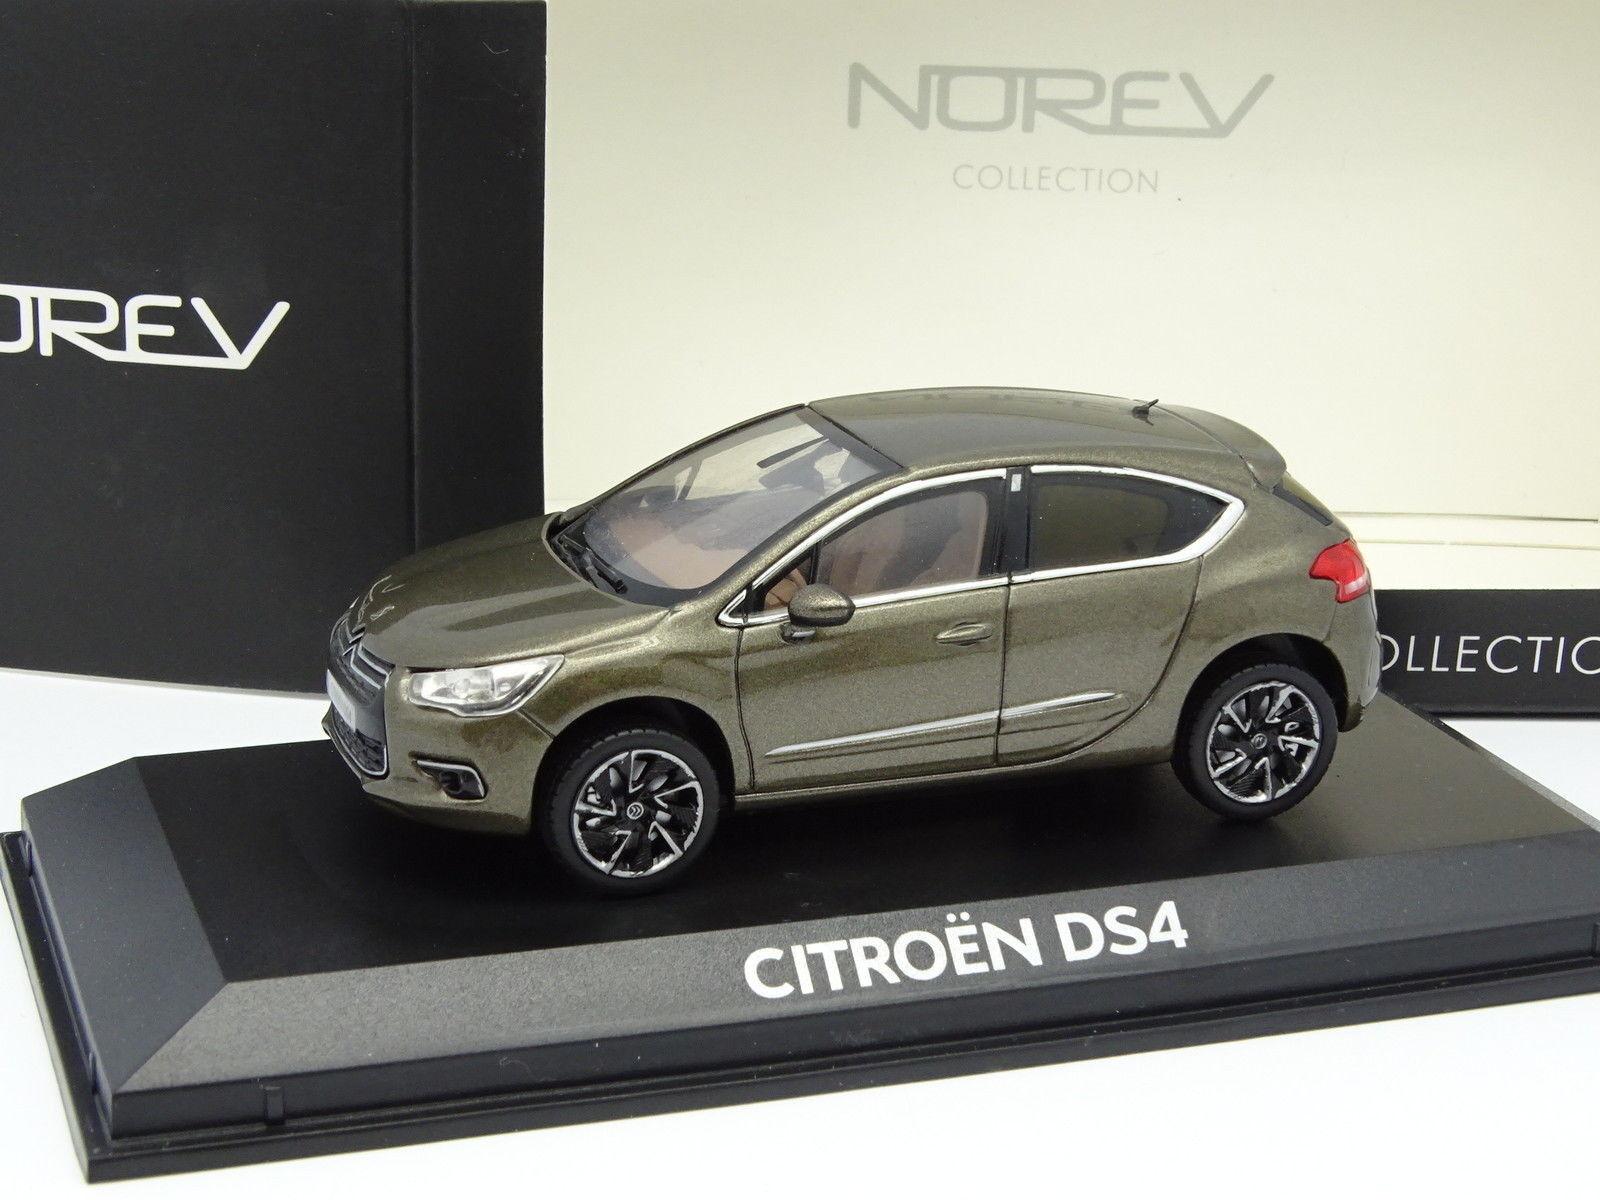 Norev 1 43 - Citroen DS4 verde